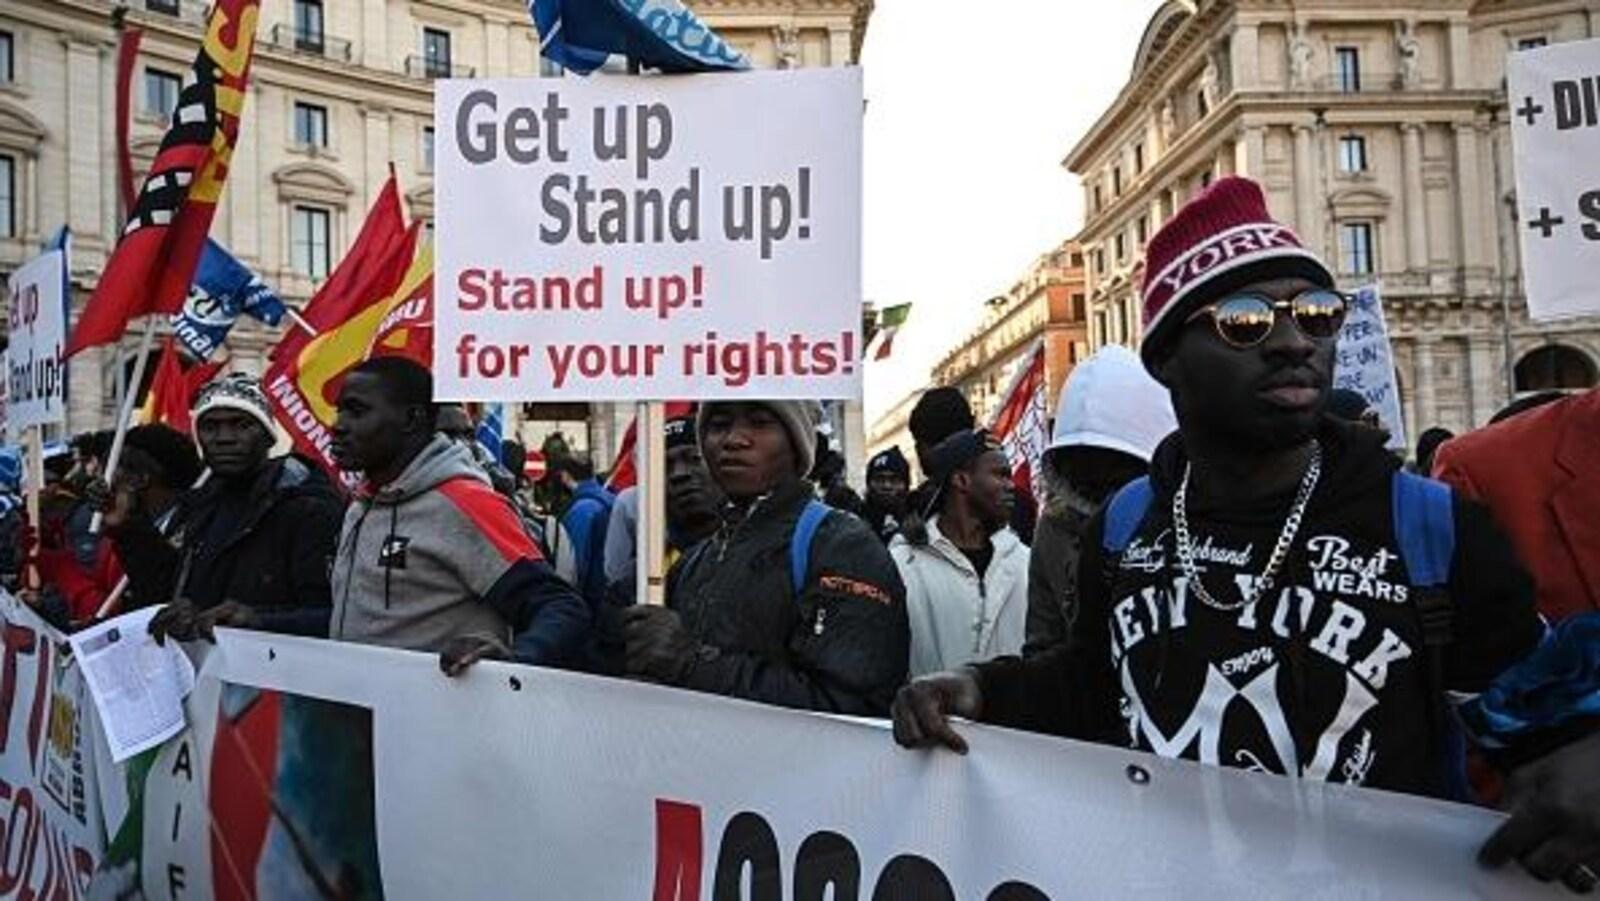 Des membres d'associations antiracistes et des migrants manifestent à Rome pour protester contre le récent décret gouvernemental limitant le droit d'asile.